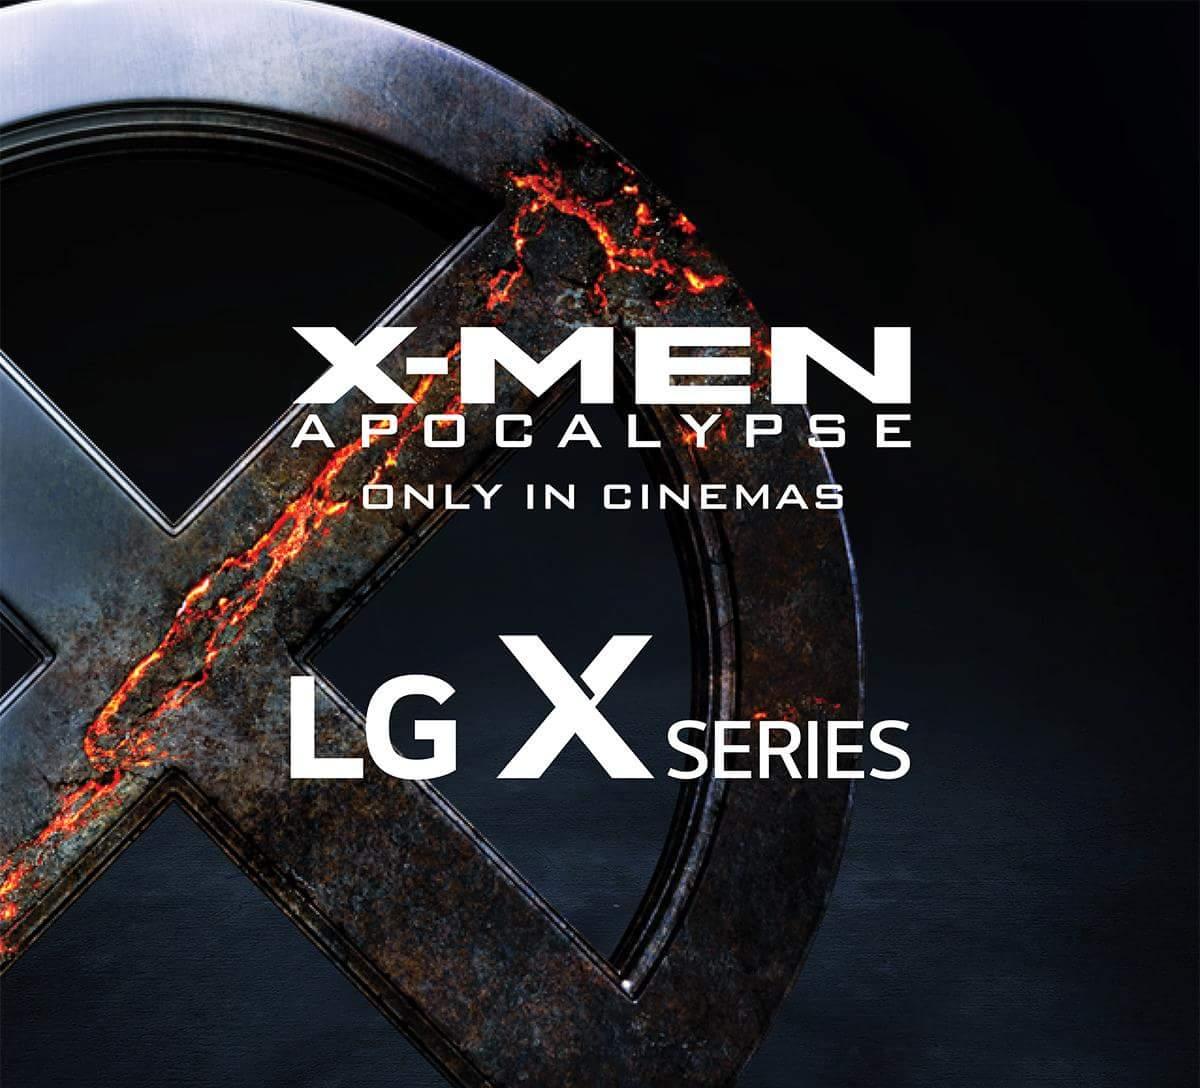 LG profite de la sortie de X-Men Apocalypse pour annoncer deux nouveaux LG X